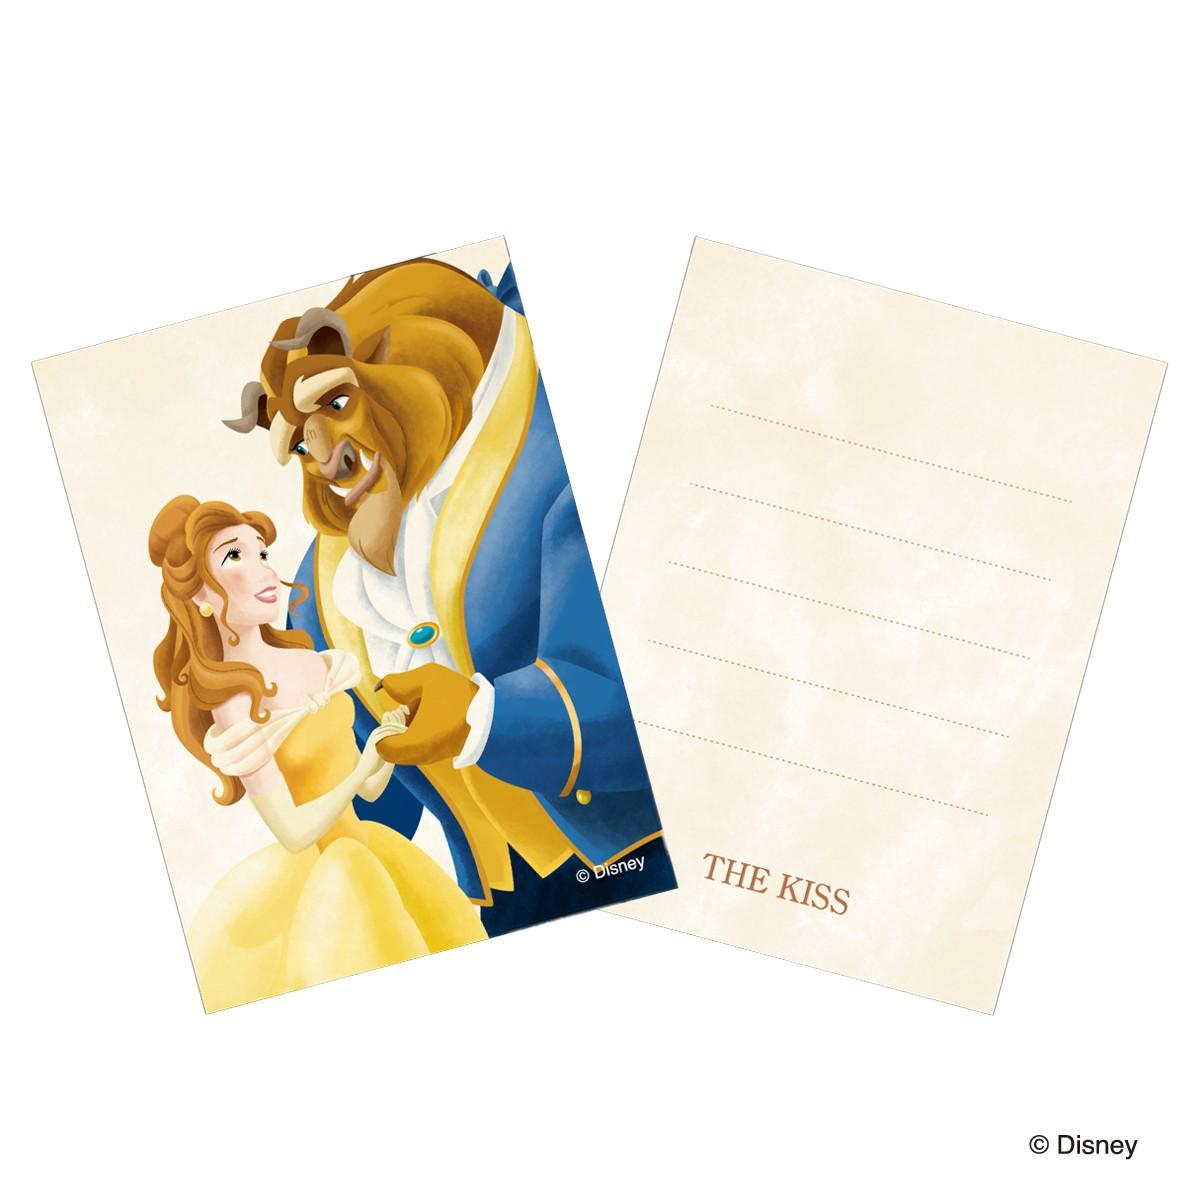 美女と野獣 ベル 指輪 リング ディズニー プリンセス Disney THE KISS ザキッス ザキス シルバー リング グッズ レディース 20代 30代 彼女 人気 ブランド 誕生日 記念日 DI-SR2410CB